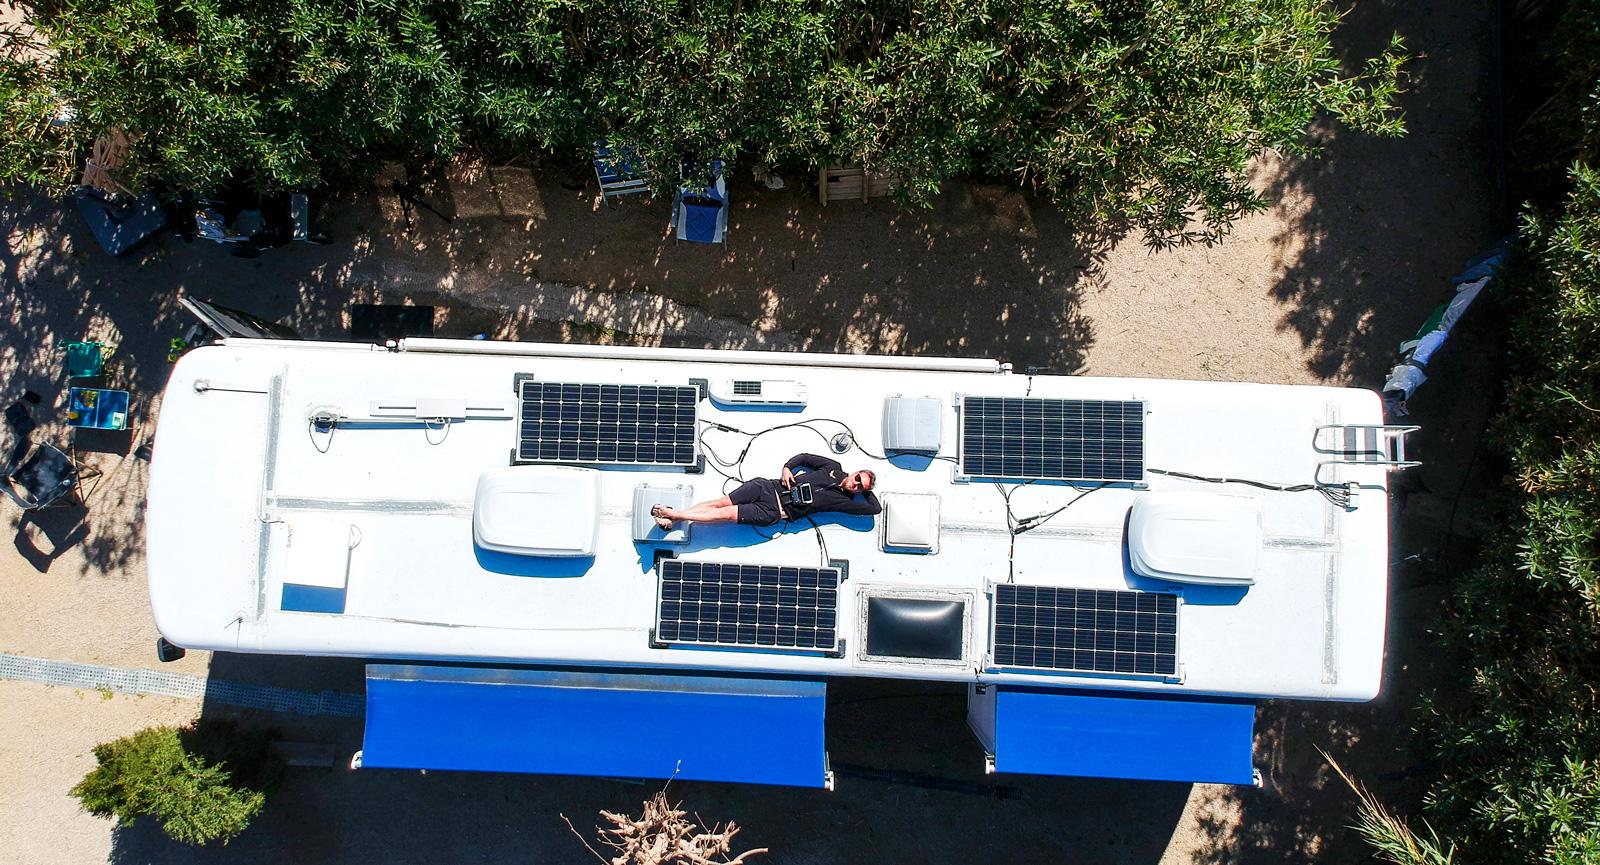 Fyra solpaneler på taket installerades innan avresan från Sverige. Det underlättar fricamping och sol är ingen bristvara i Spanien.